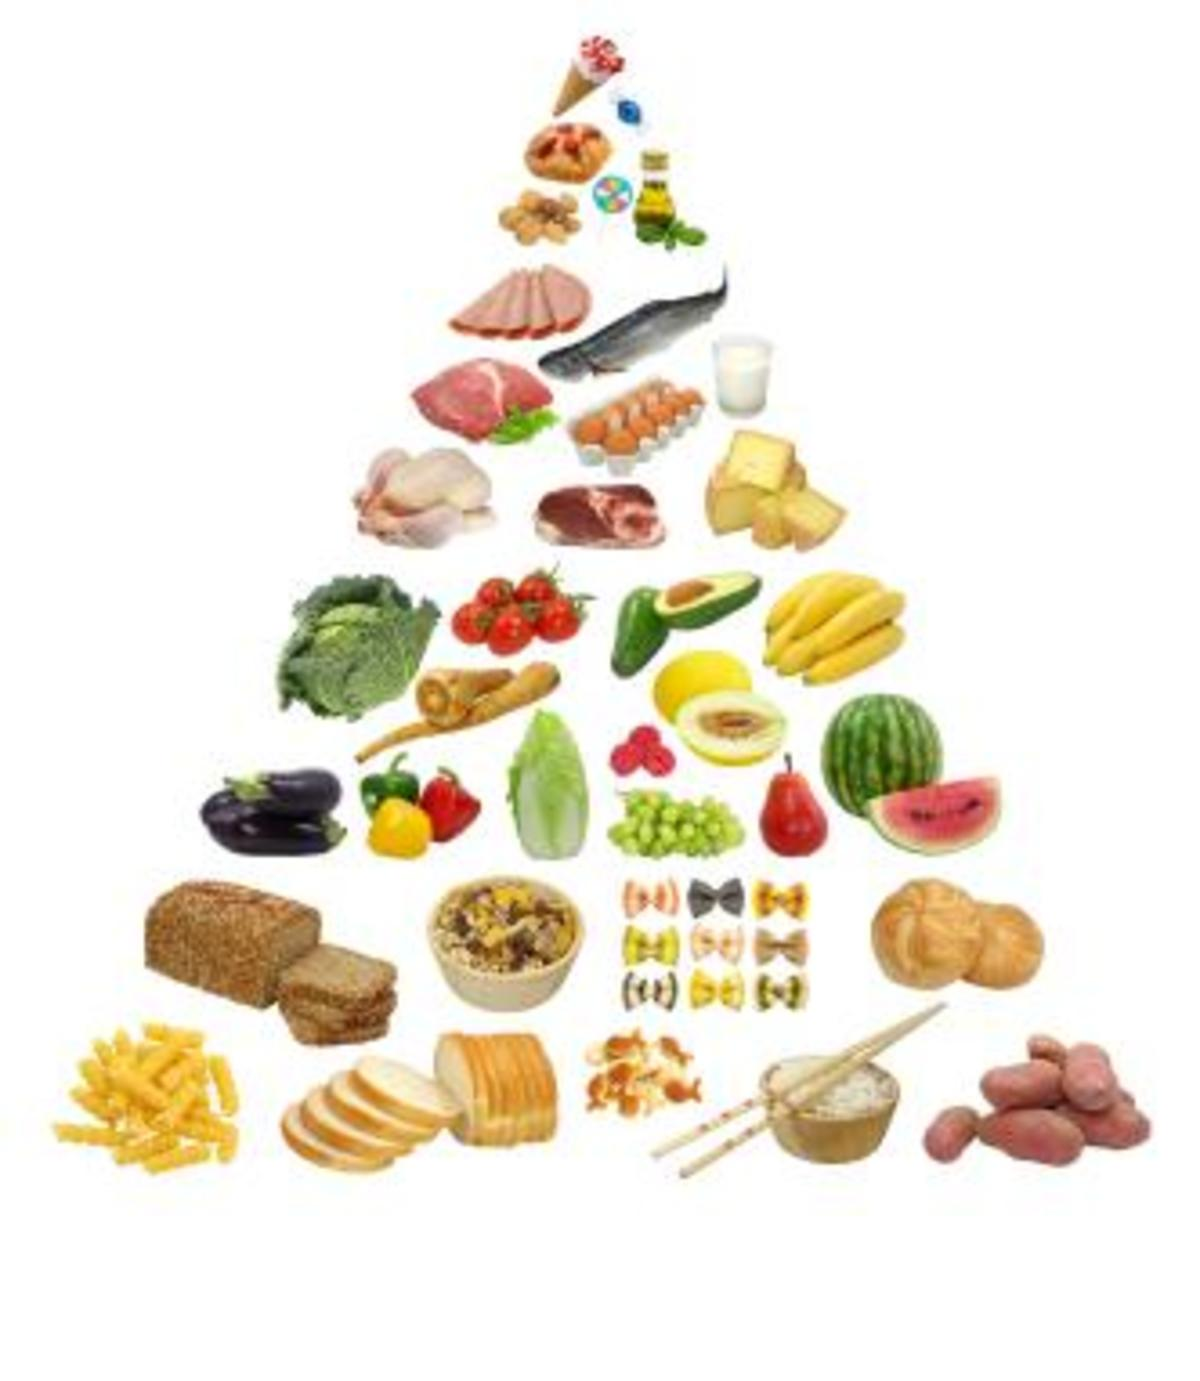 Μείον 5 κιλά πριν τις γιορτές!   Newsit.gr